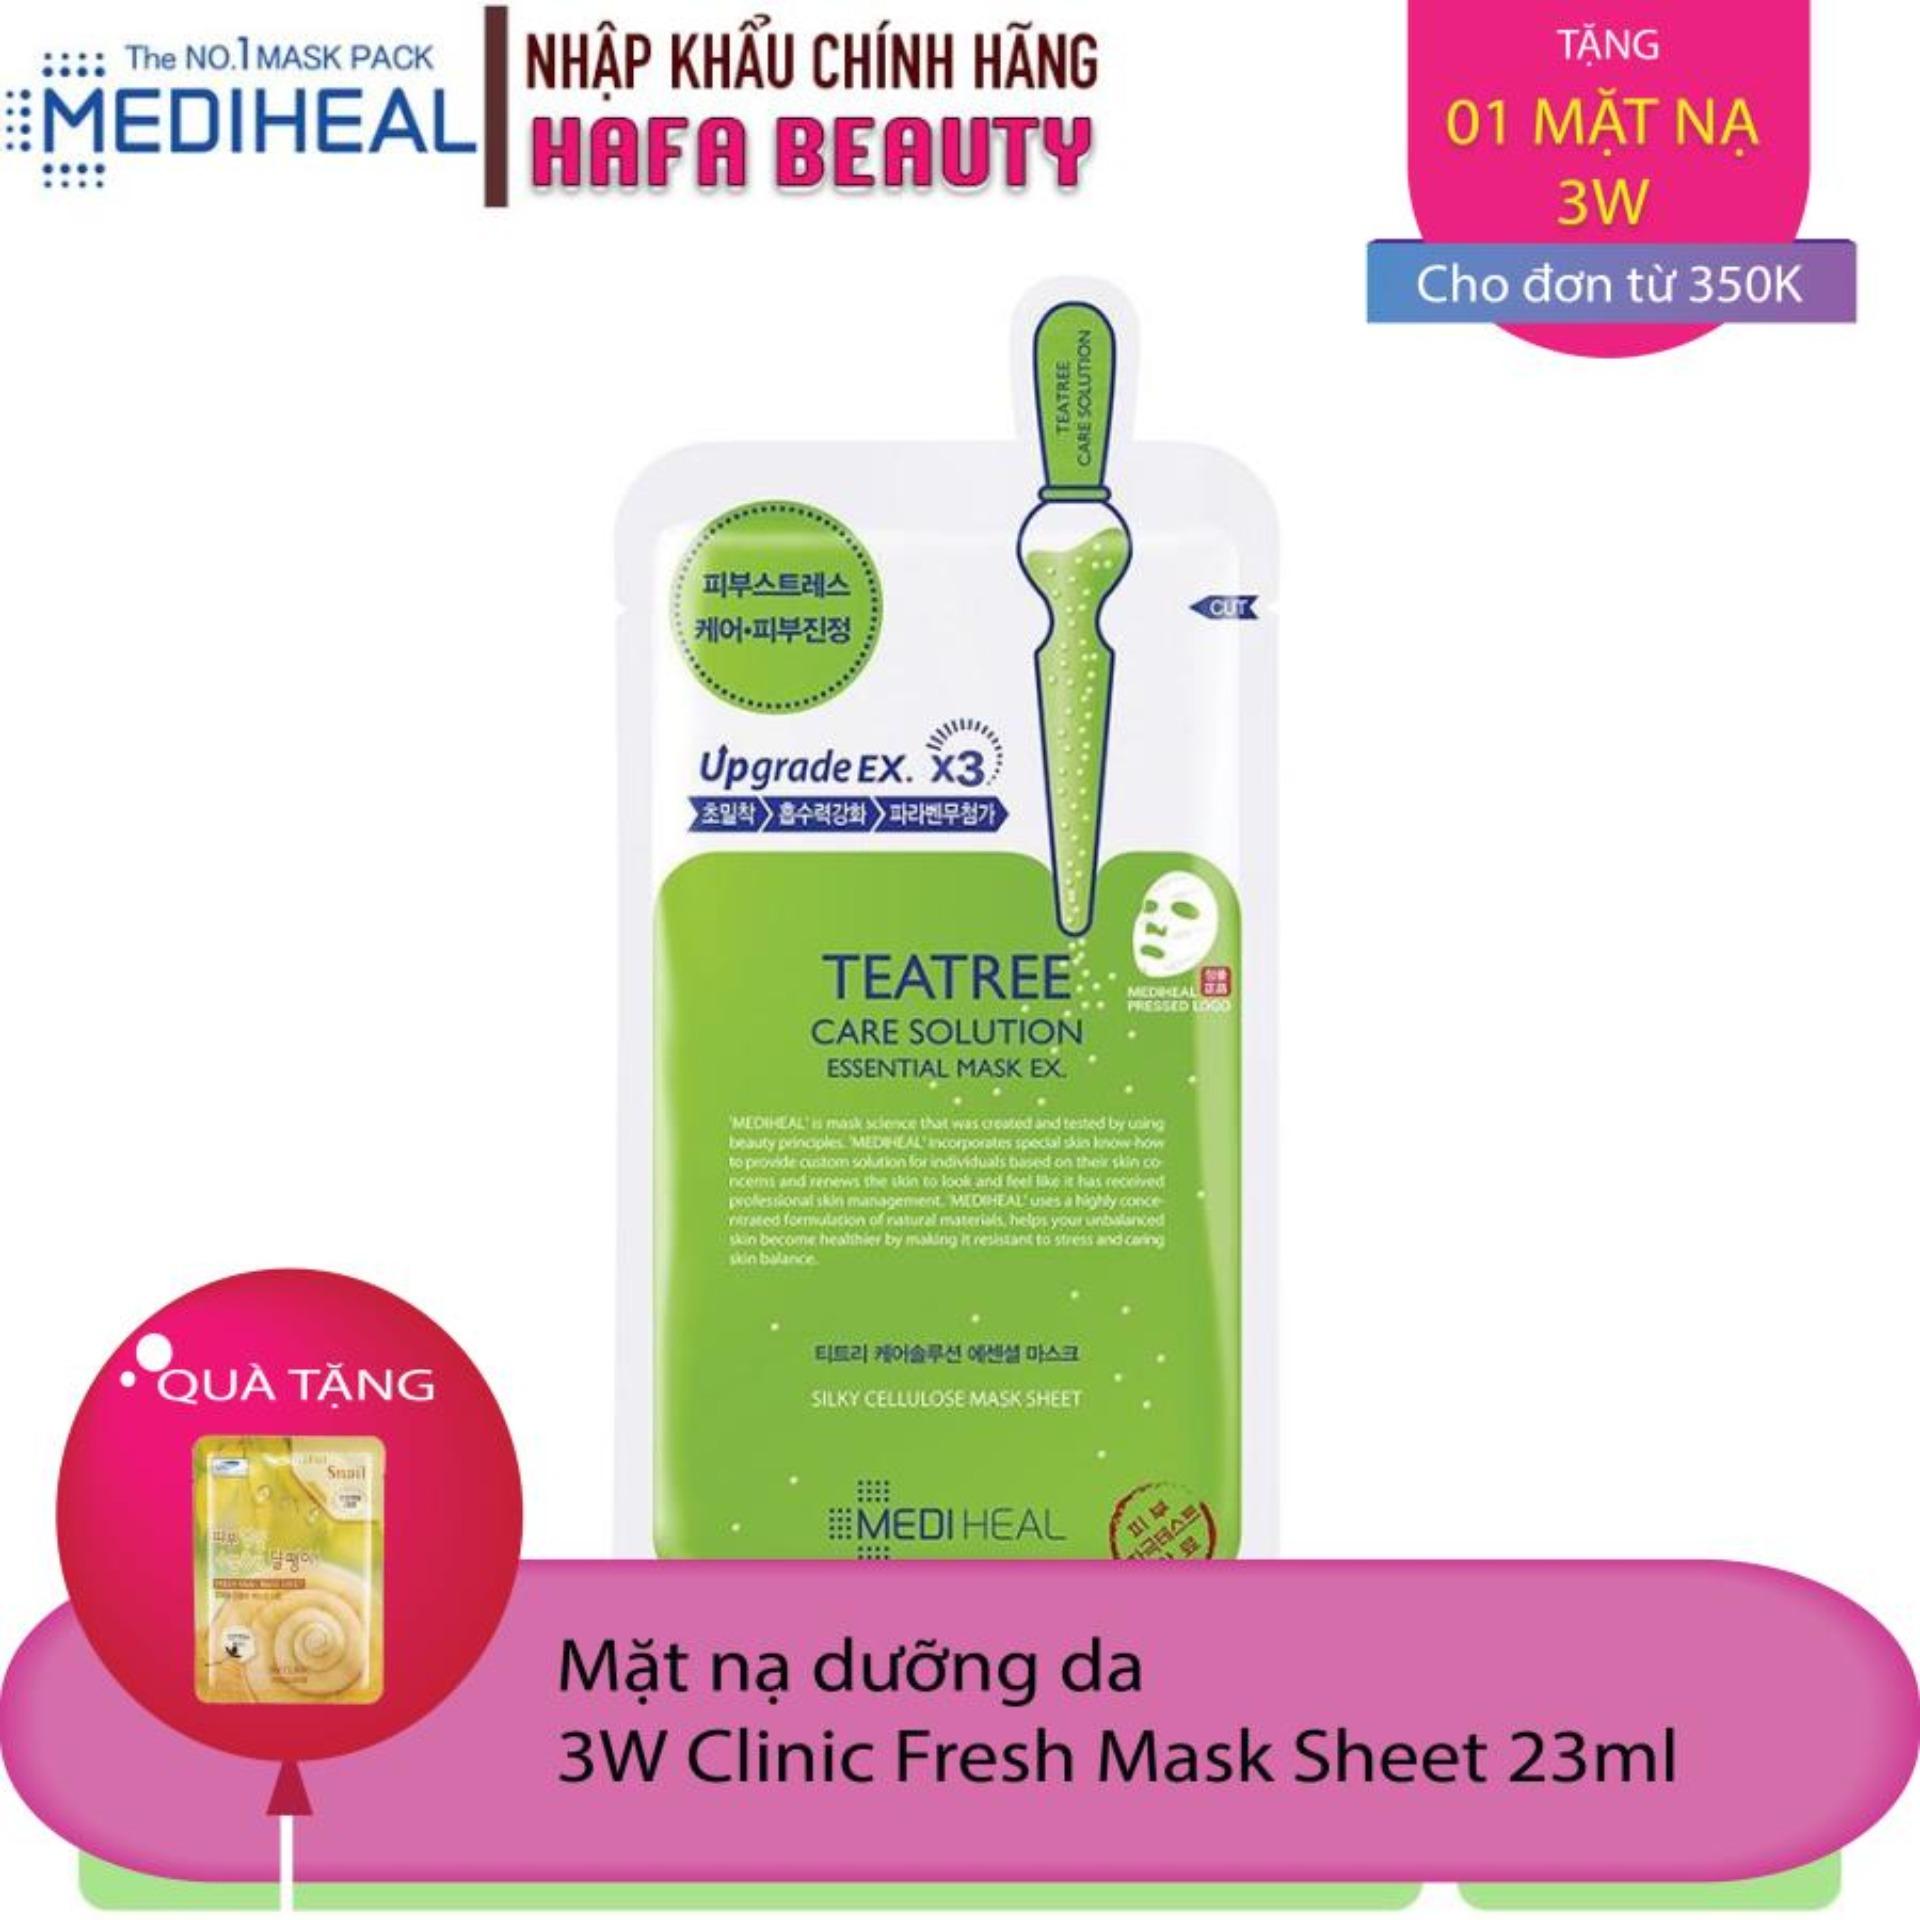 Mặt nạ dưỡng da trị mụn chiết xuất Tràm trà Mediheal Teatree Care Solution Essential Mask Ex 24ml cao cấp